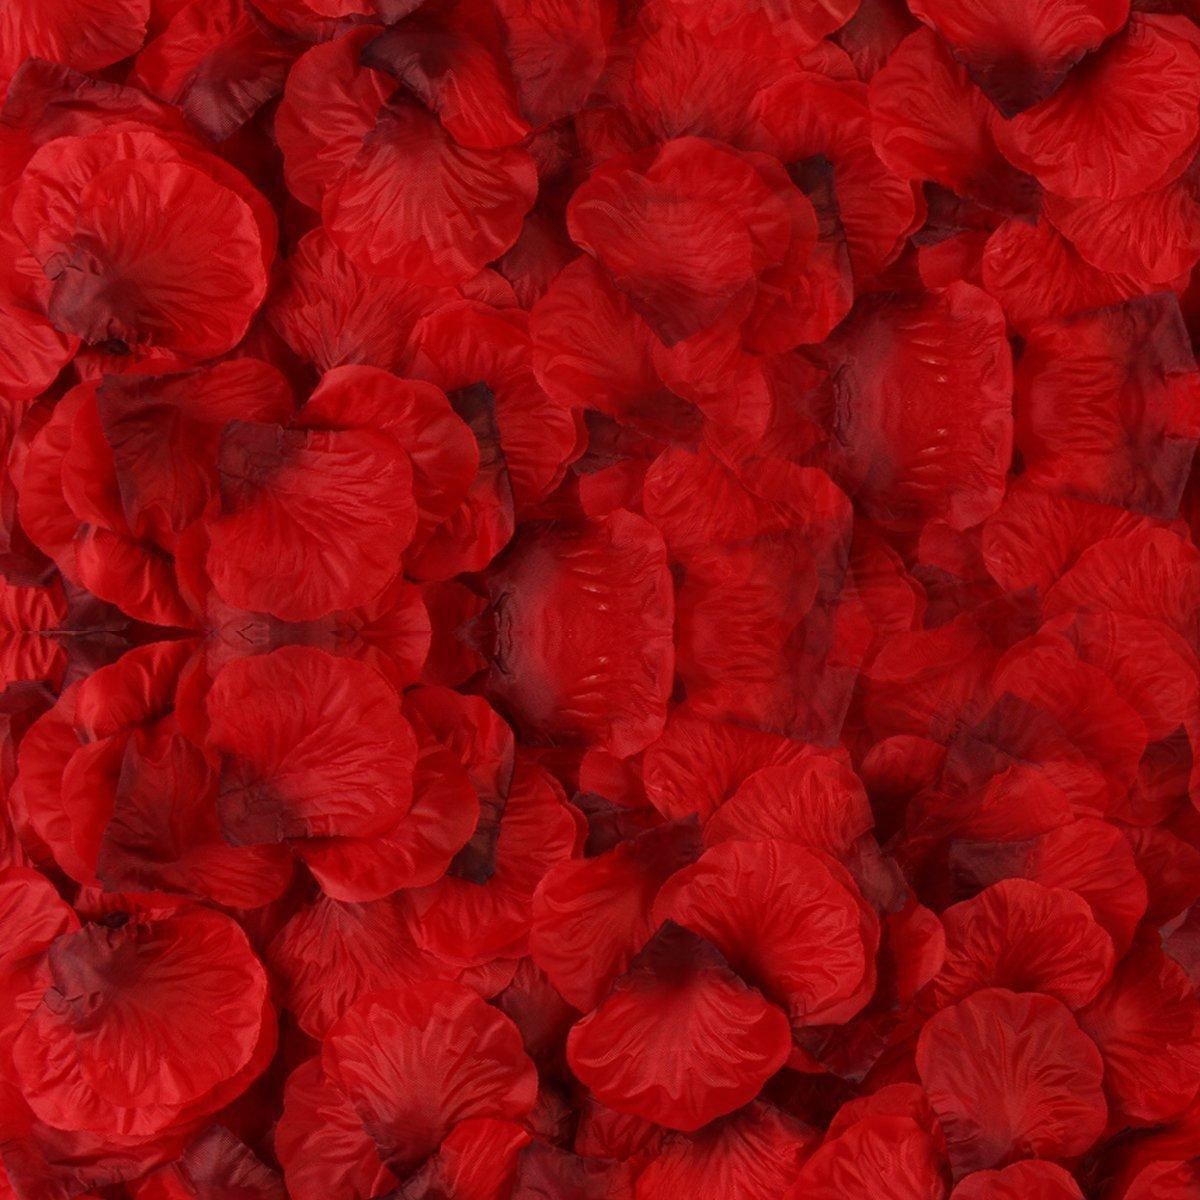 3000PCS Petalos De Rosa Rojo Pétalos de seda de flores artificiales Rojo oscuro